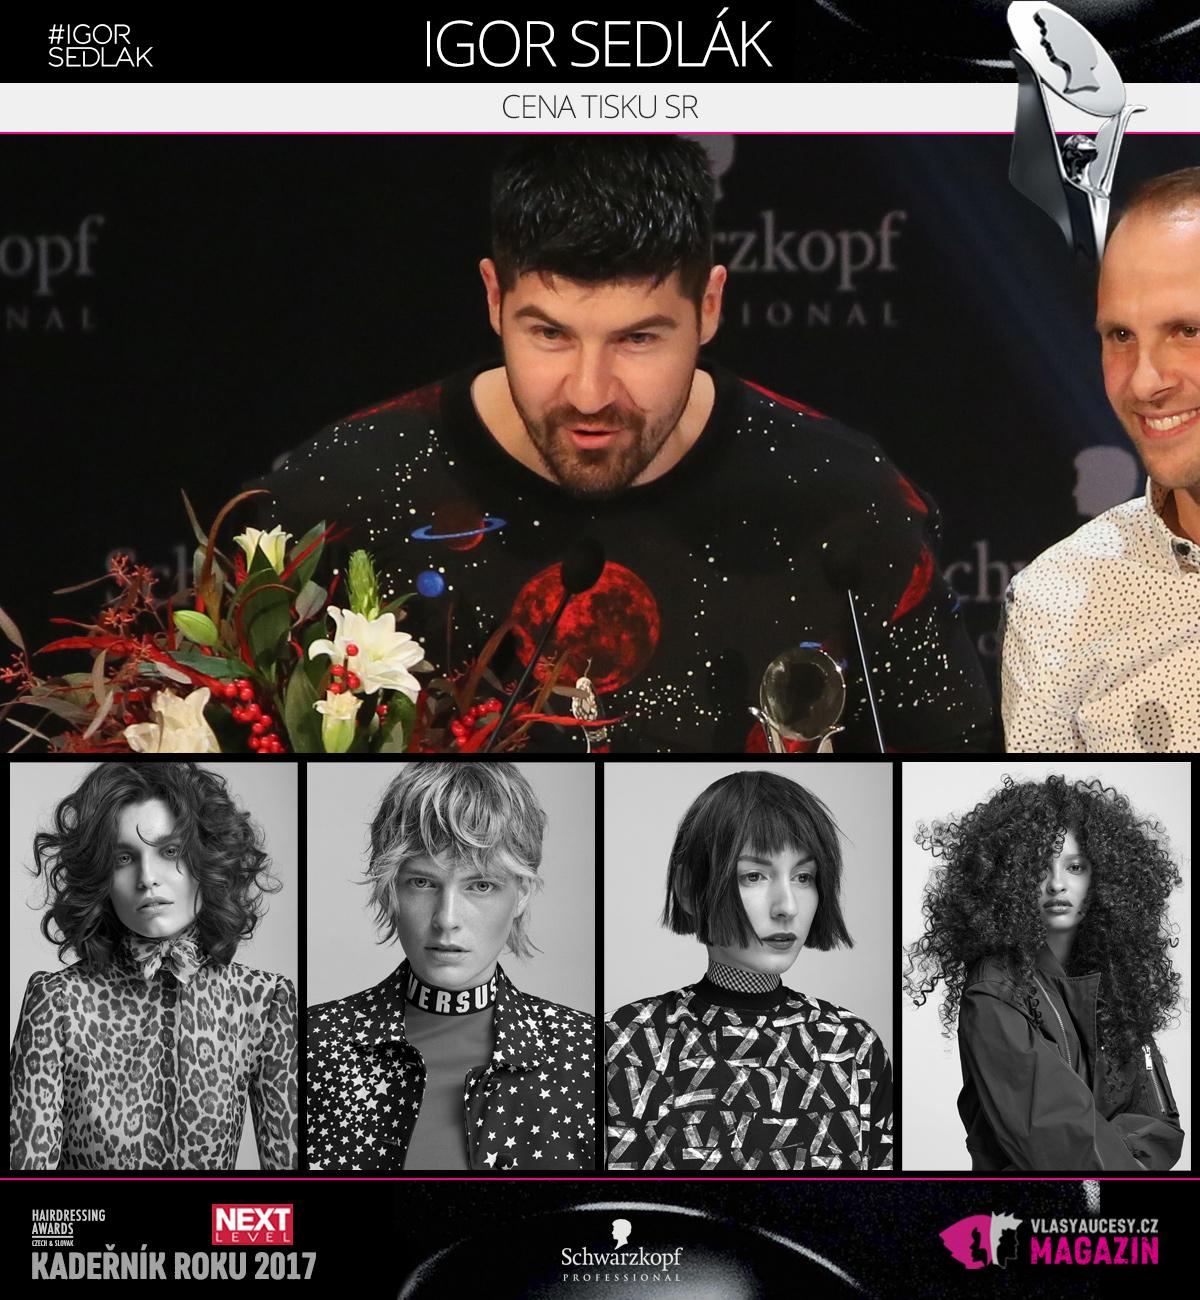 Igor Sedlák (Salón Igor Sedlák) – Cena tisku SK 2017 soutěže Czech&Slovak Hairdressing Awards.